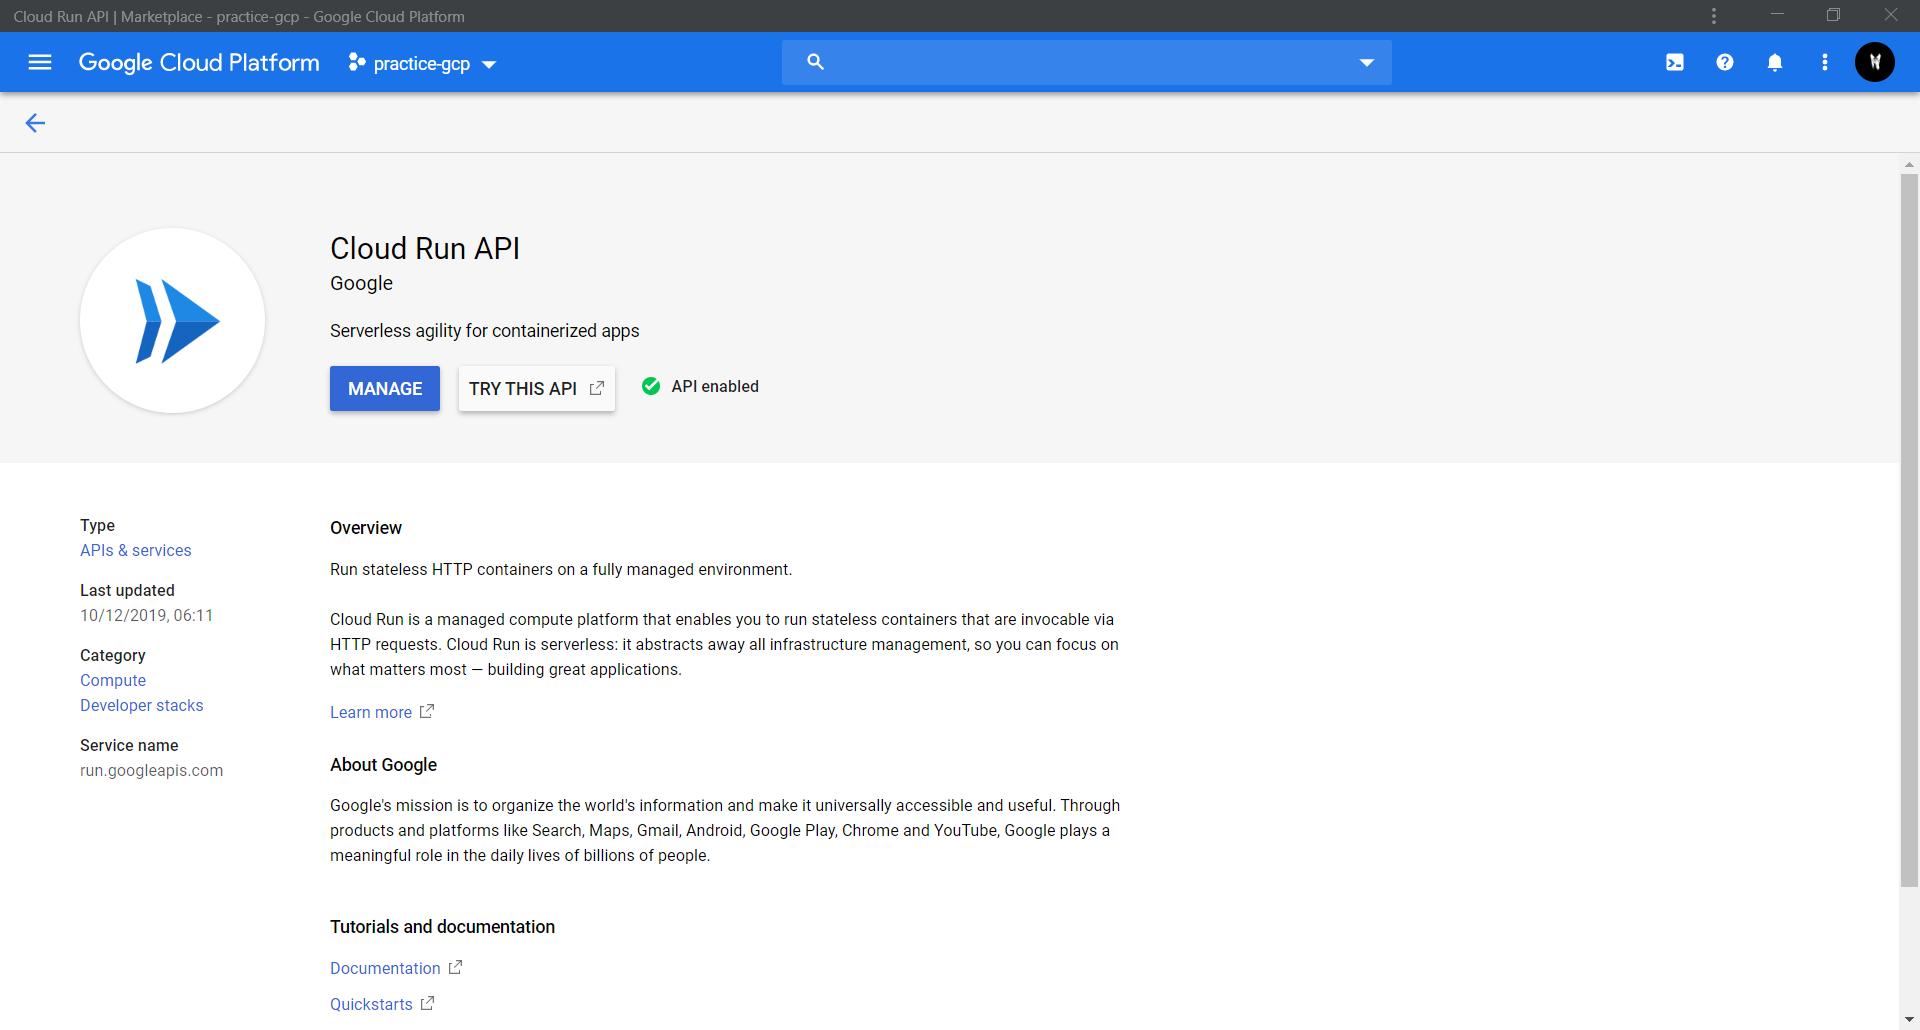 CLOUD RUN API